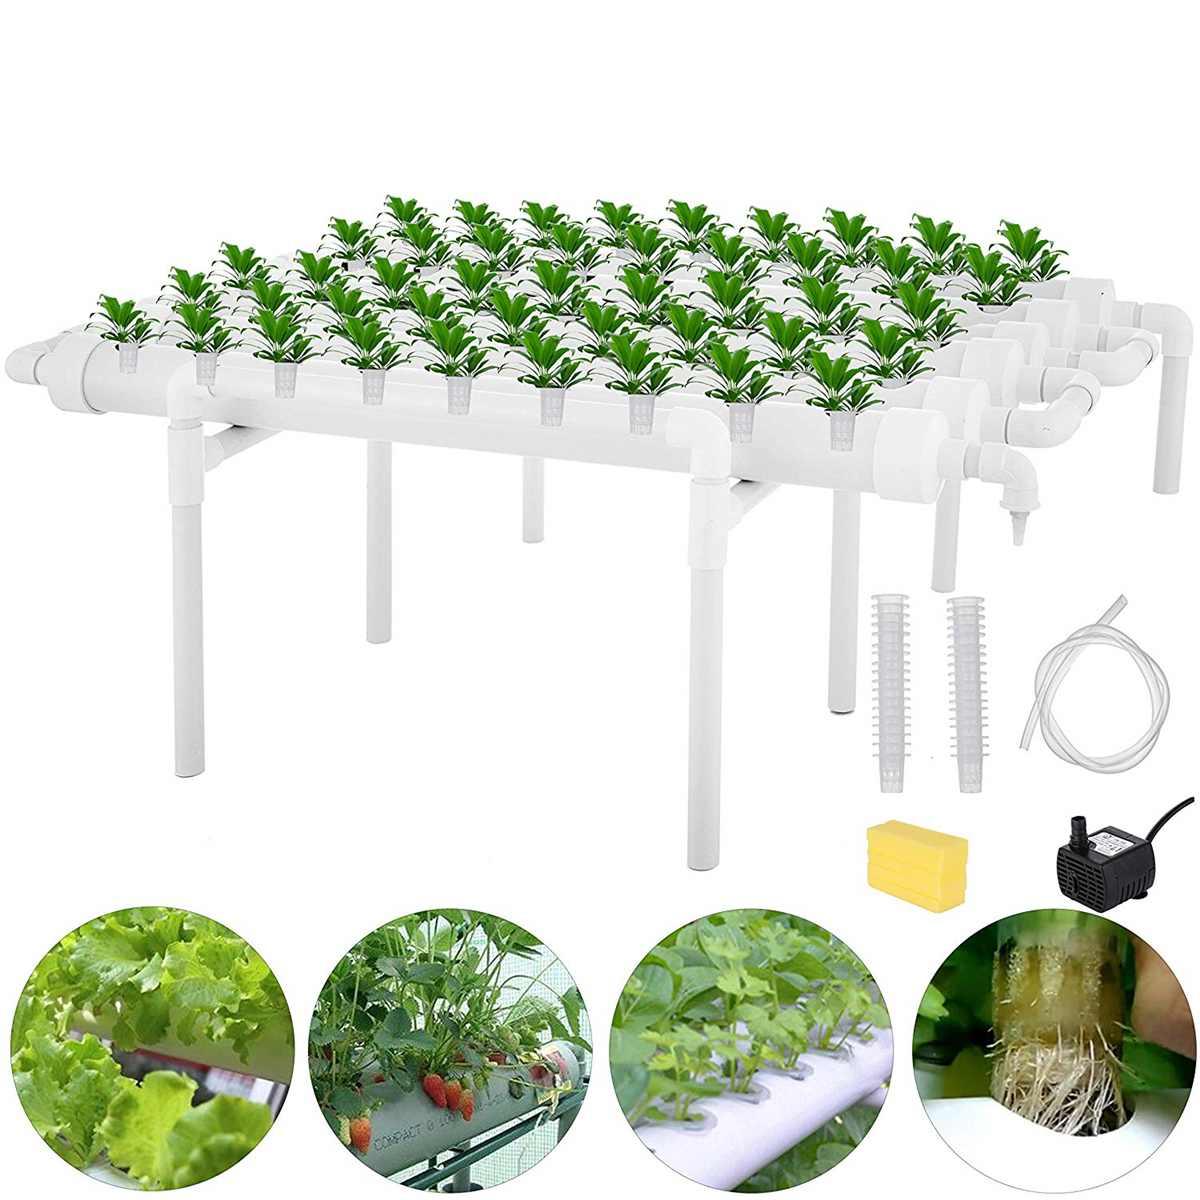 Hidropônico site crescer kit 54 locais de plantio sistema de plantas de jardim caixa de ferramentas vegetais sem solo cultivo plântula crescer kit